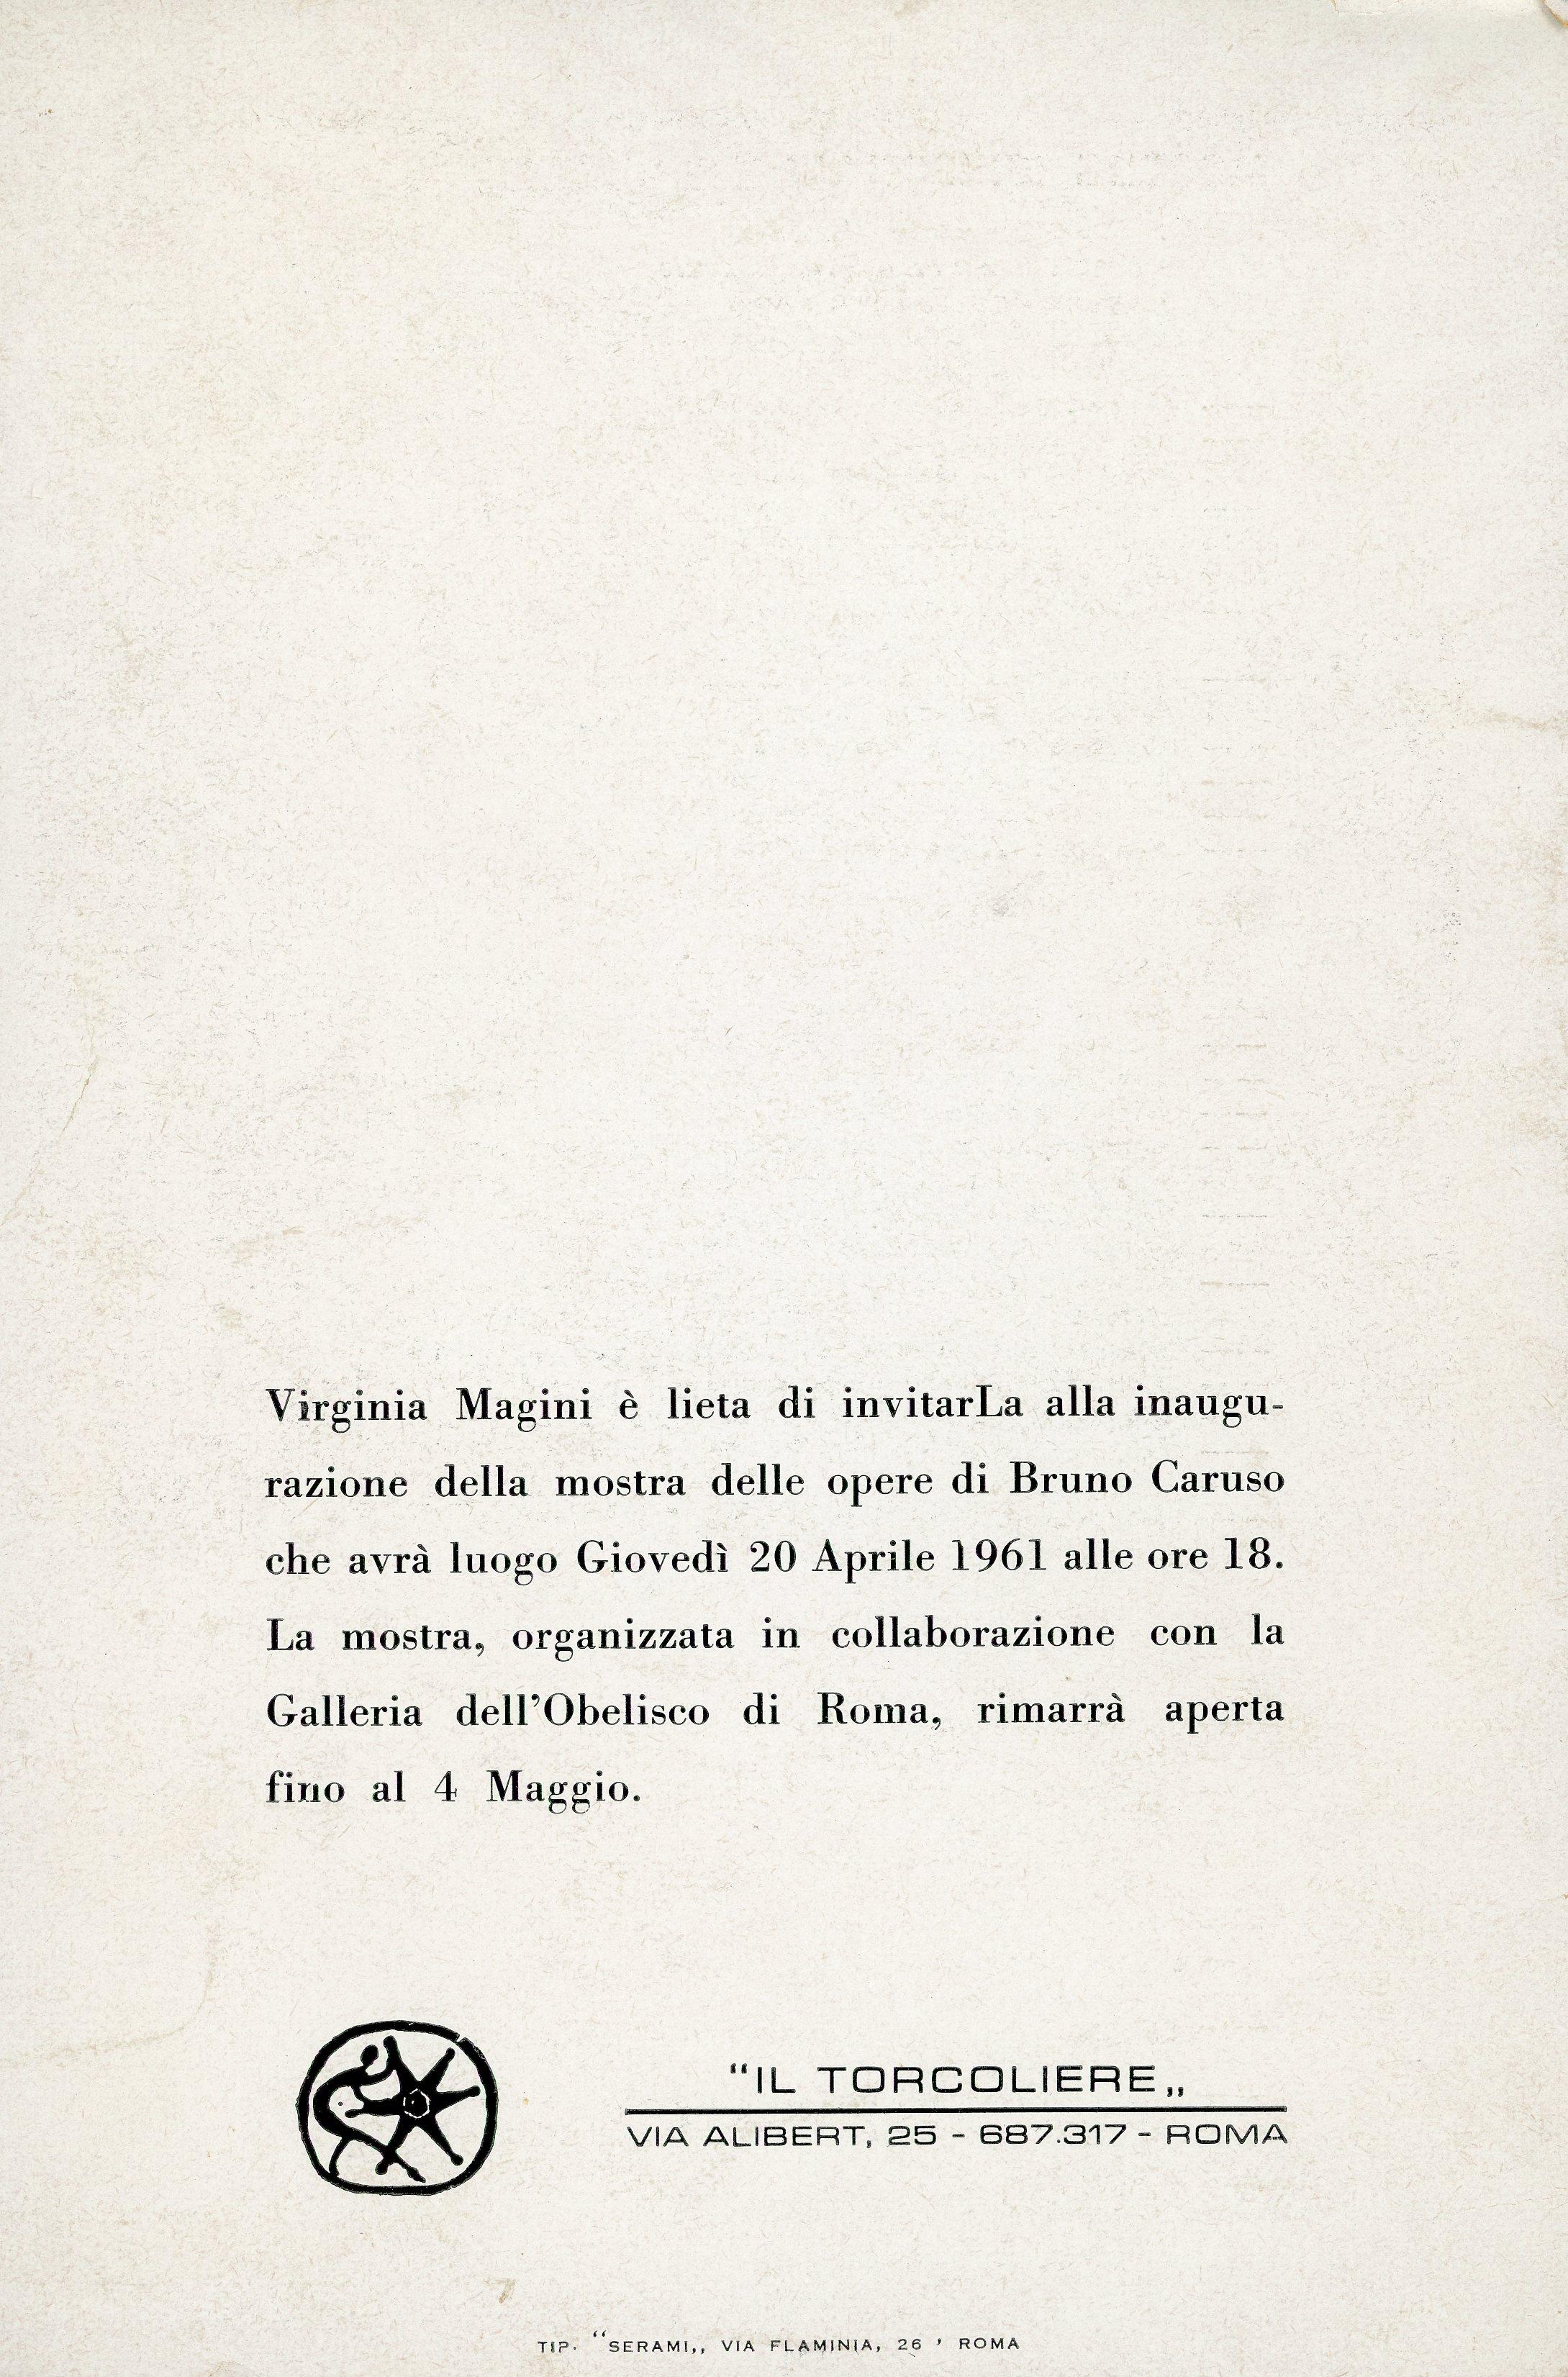 1961-04 Il Torcoliere - Bruno Caruso_04.jpg